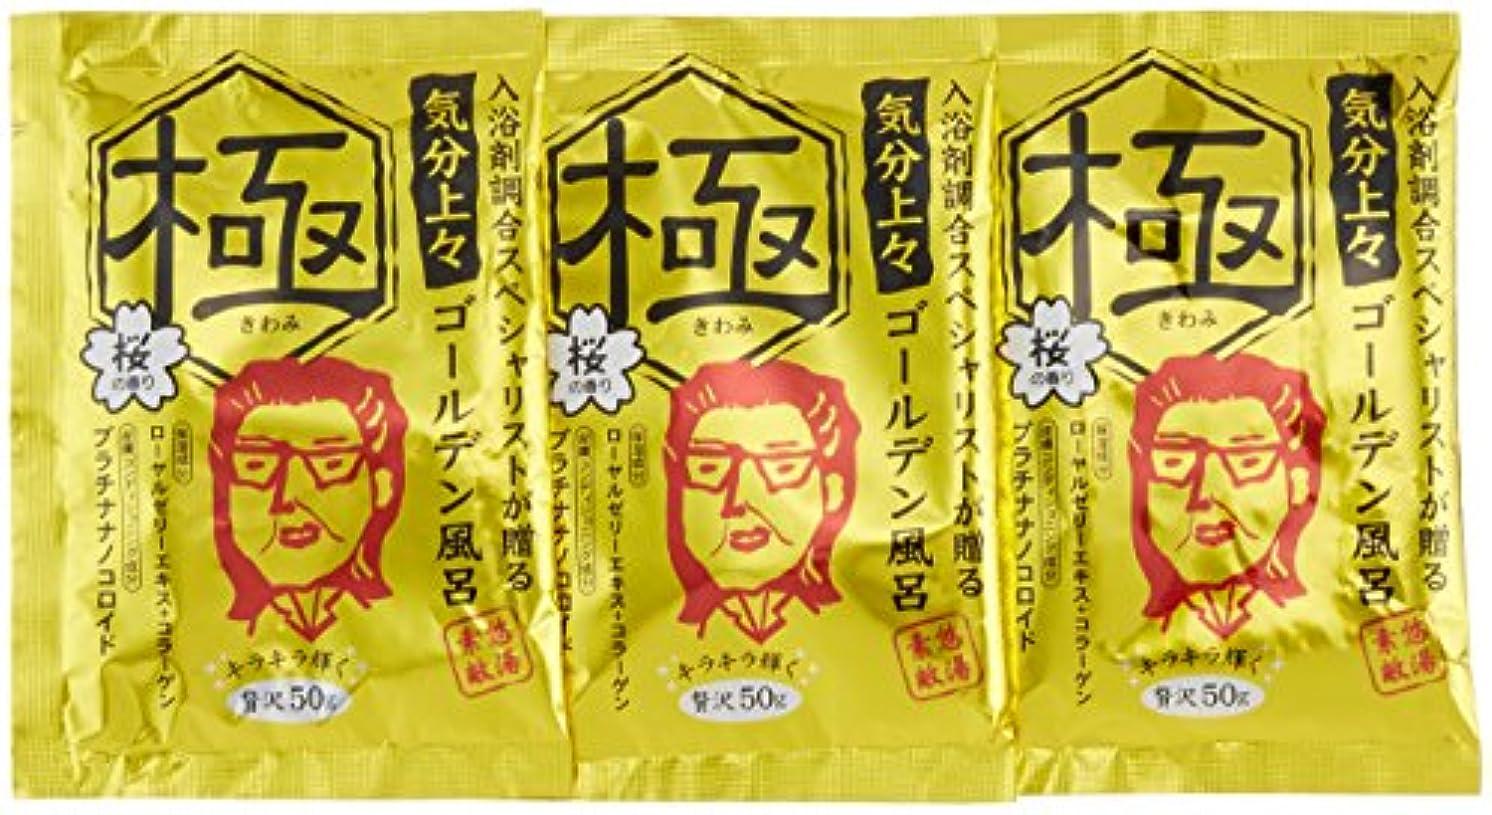 毎回達成人事紀陽除虫菊 『入浴剤 まとめ買い』 ゴールデン風呂 極 3包セット